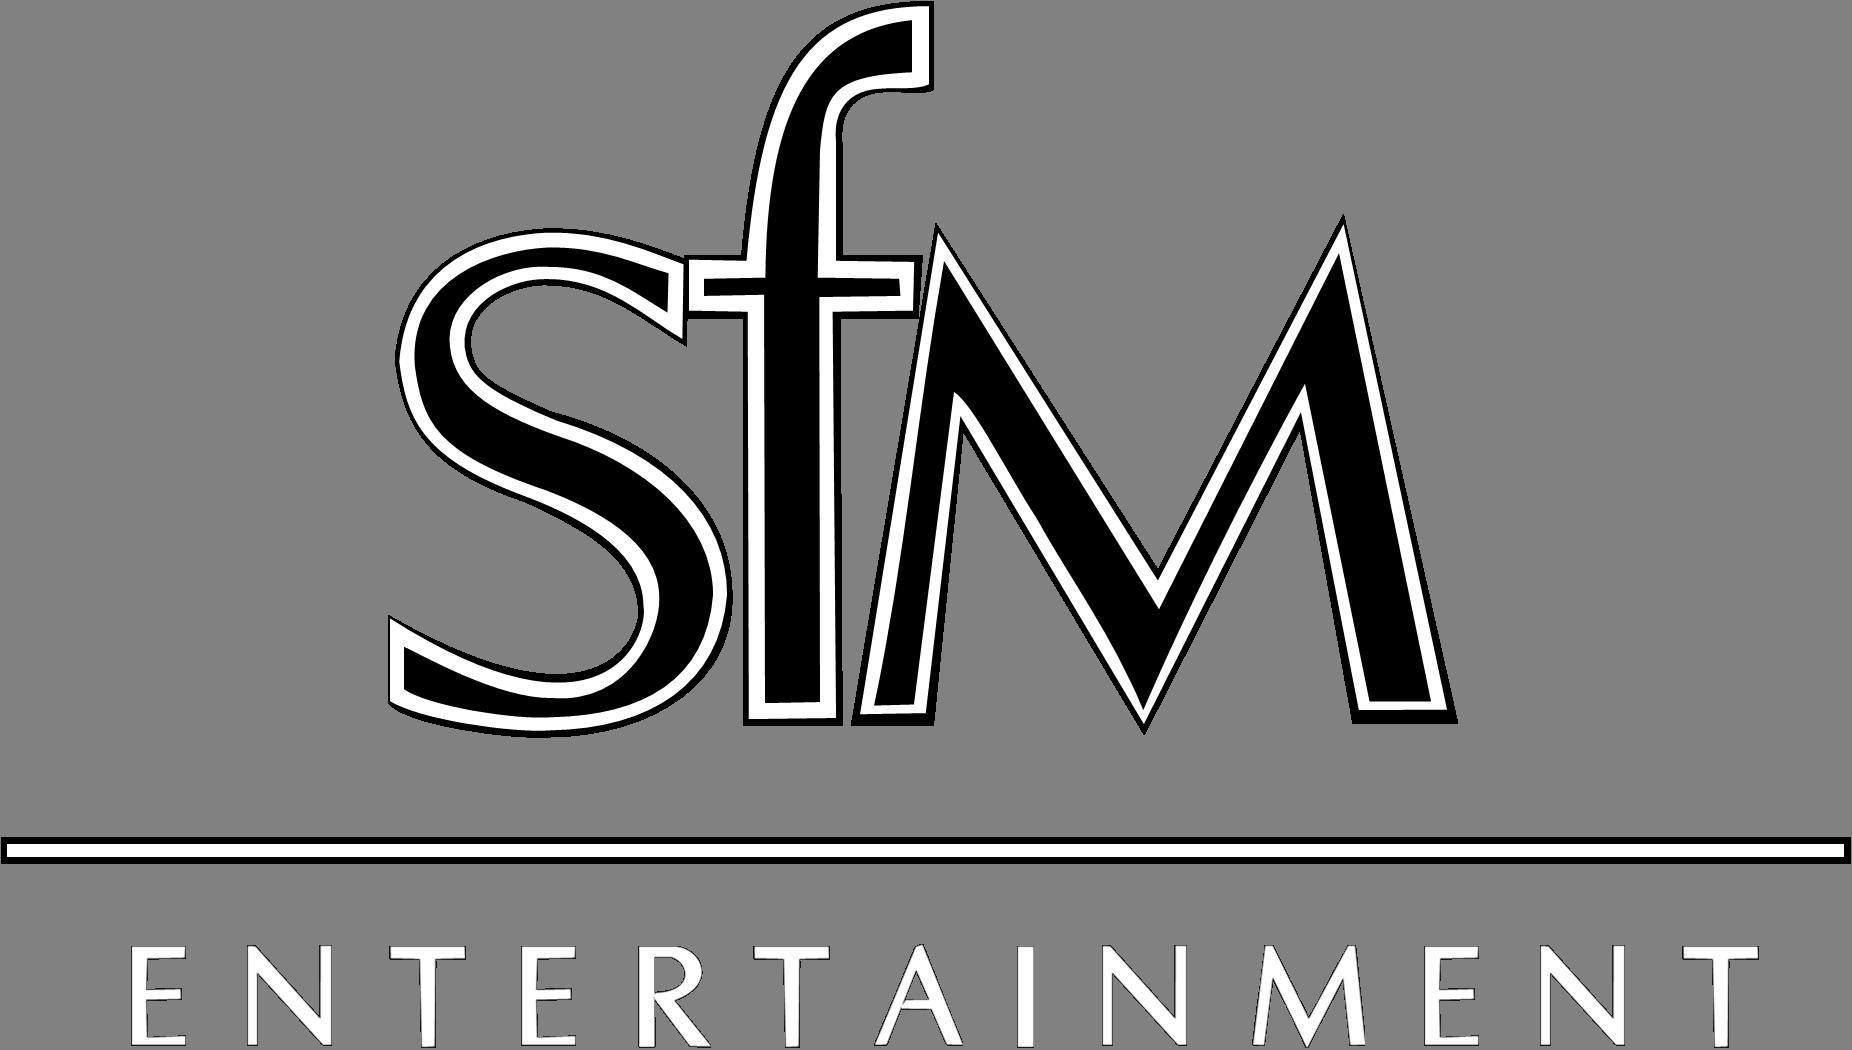 how to add sfm logo